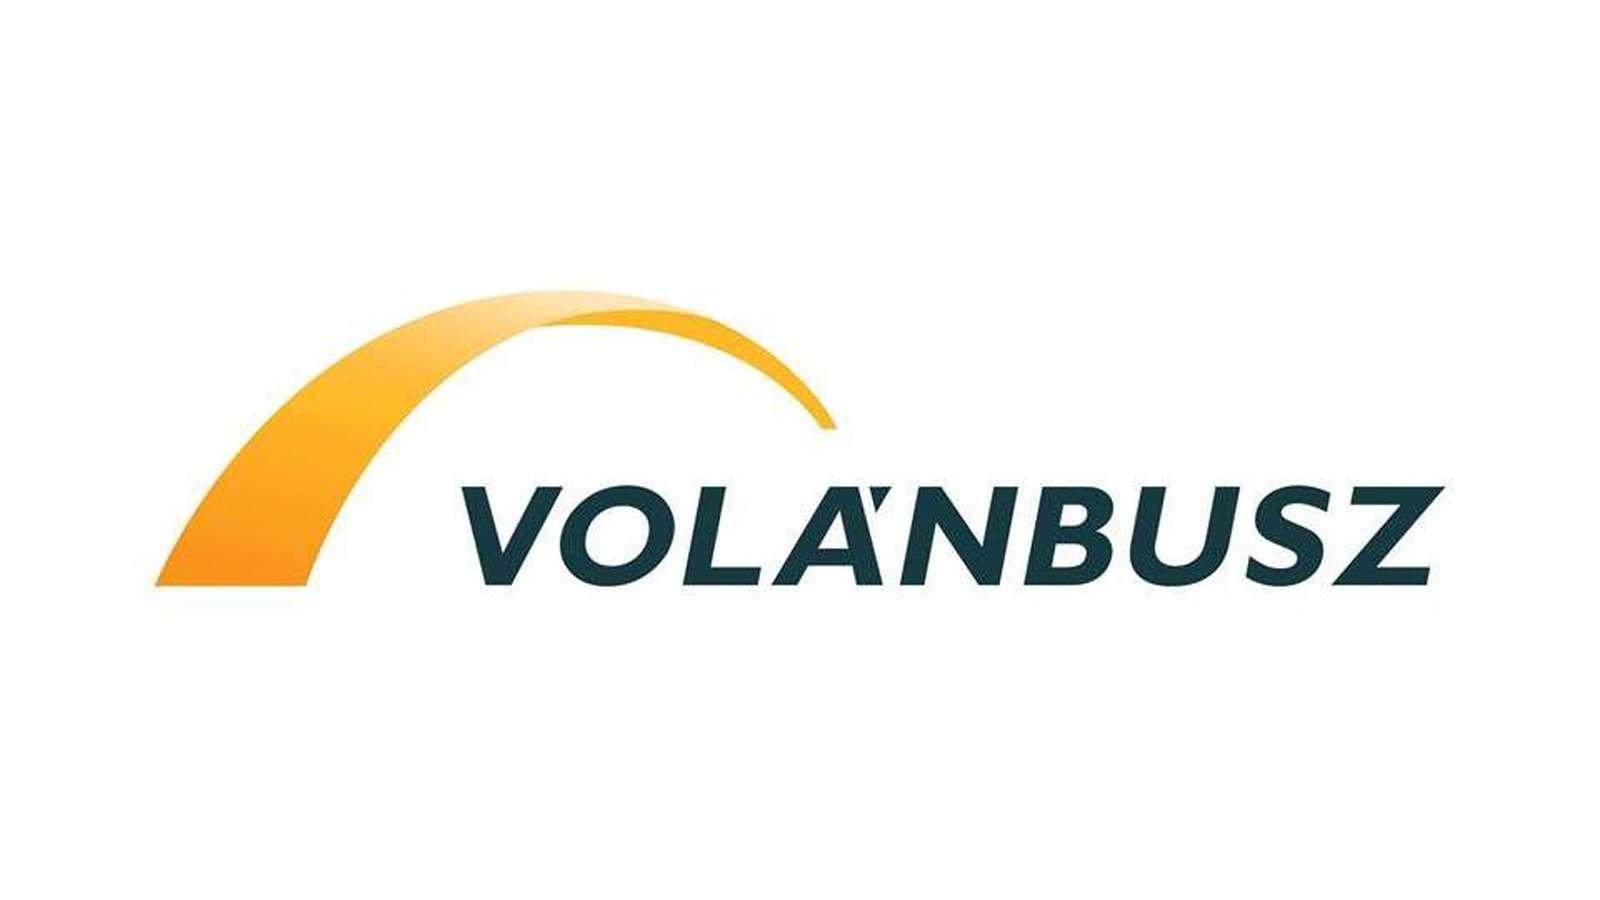 Mobiljegyet és a tanszüneti menetrendet vezet be a Volánbusz